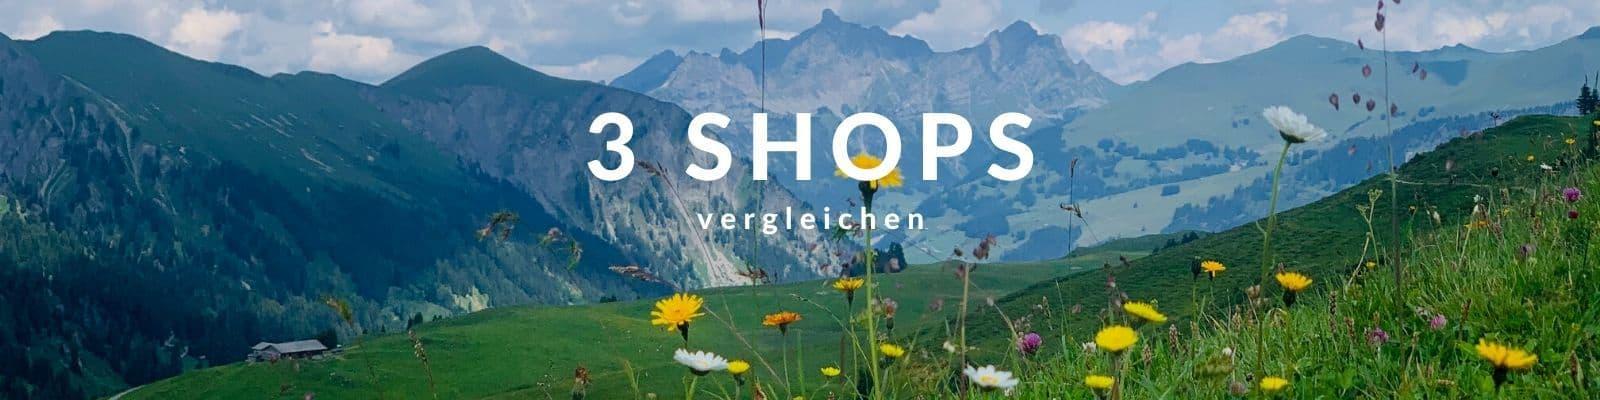 Blumenversand Schweiz - Blumen verschicken - Fleurop Schweiz